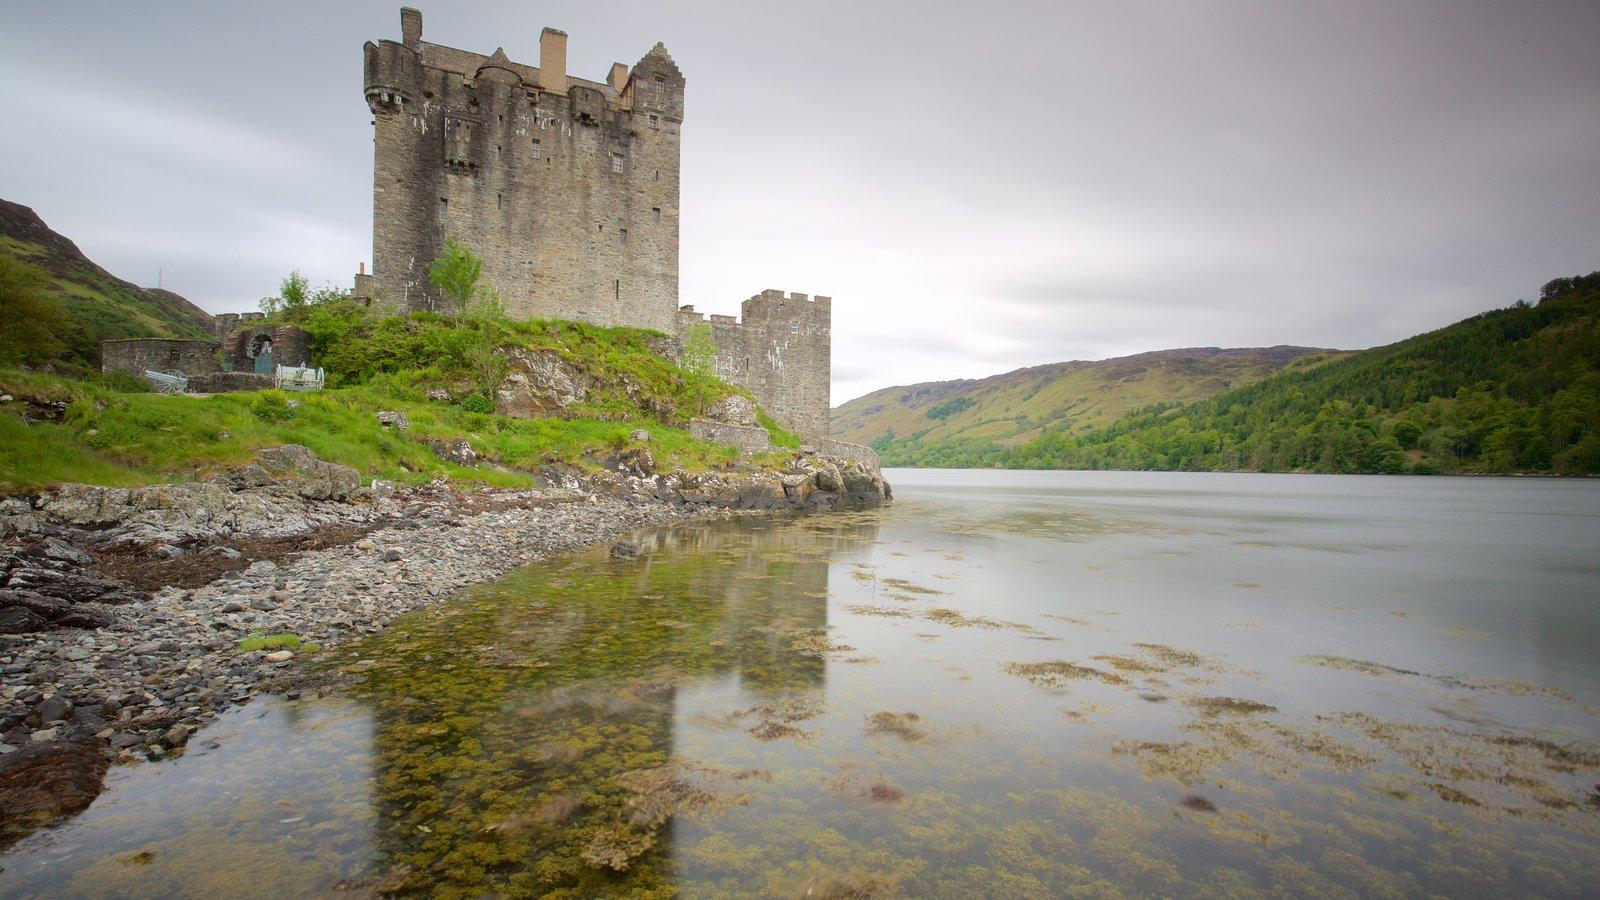 Castelo de Eilean Donan mostrando um pequeno castelo ou palácio, elementos de patrimônio e um rio ou córrego